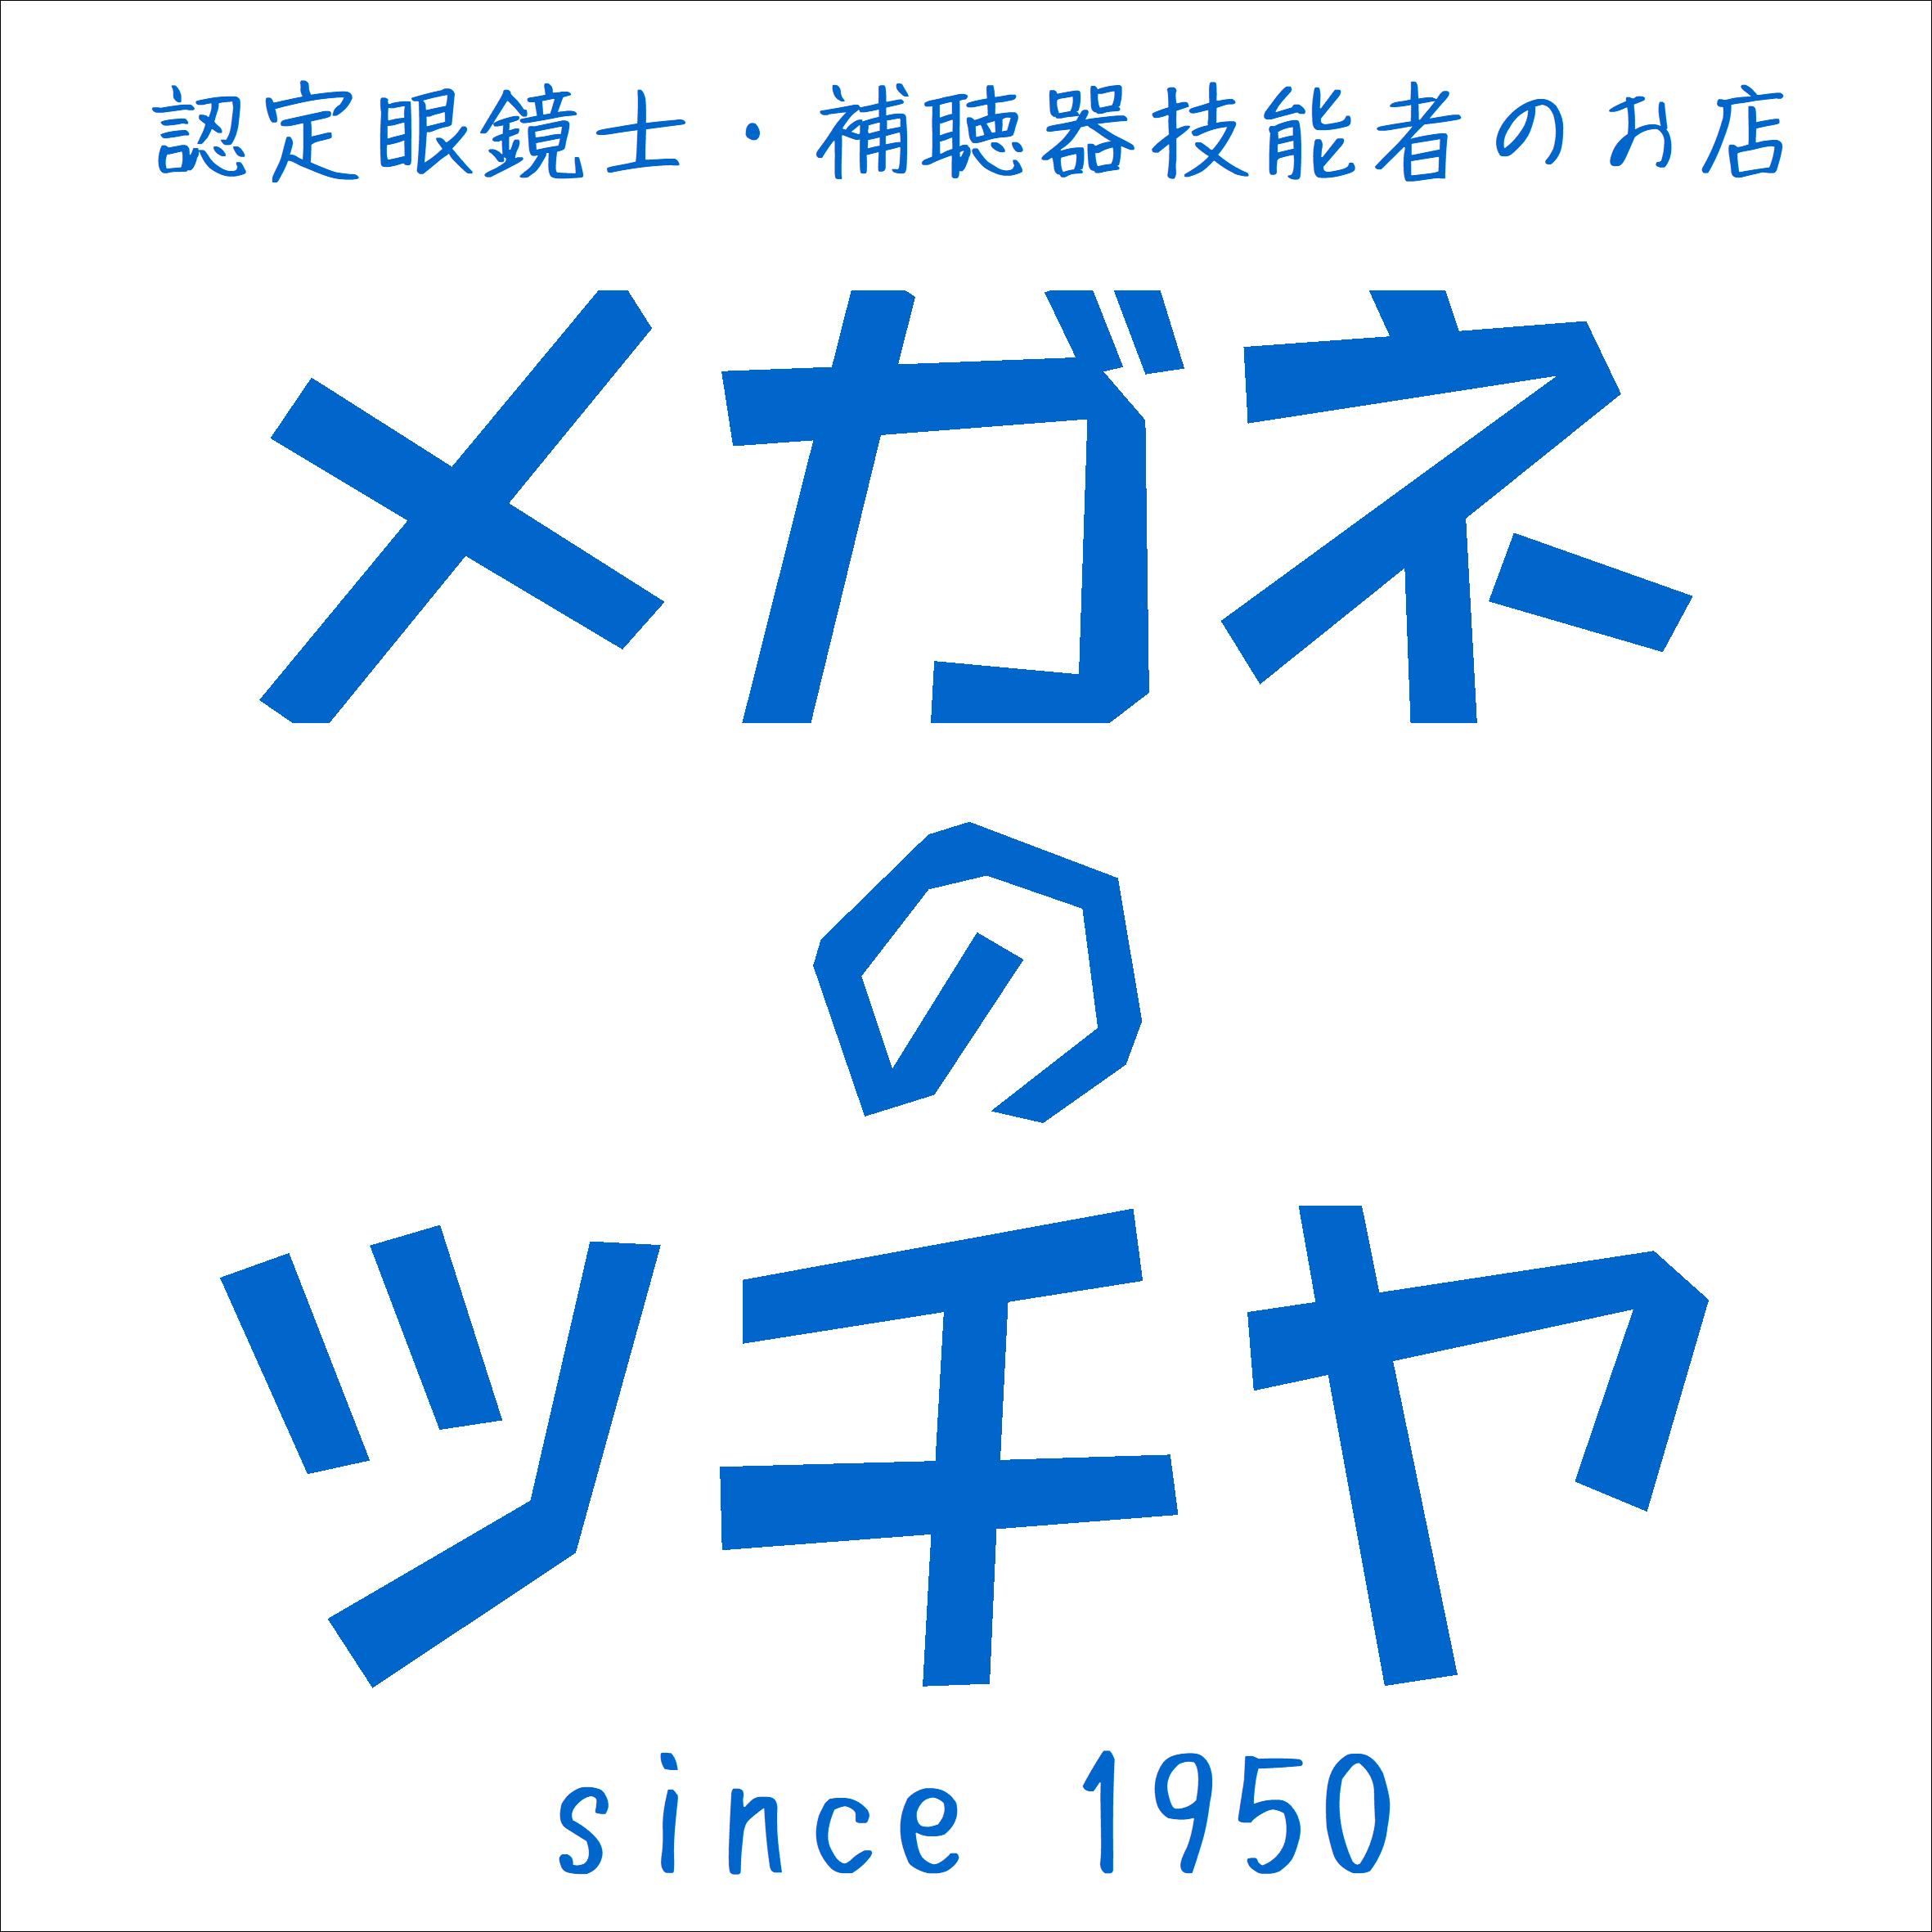 店名ロゴ正方形